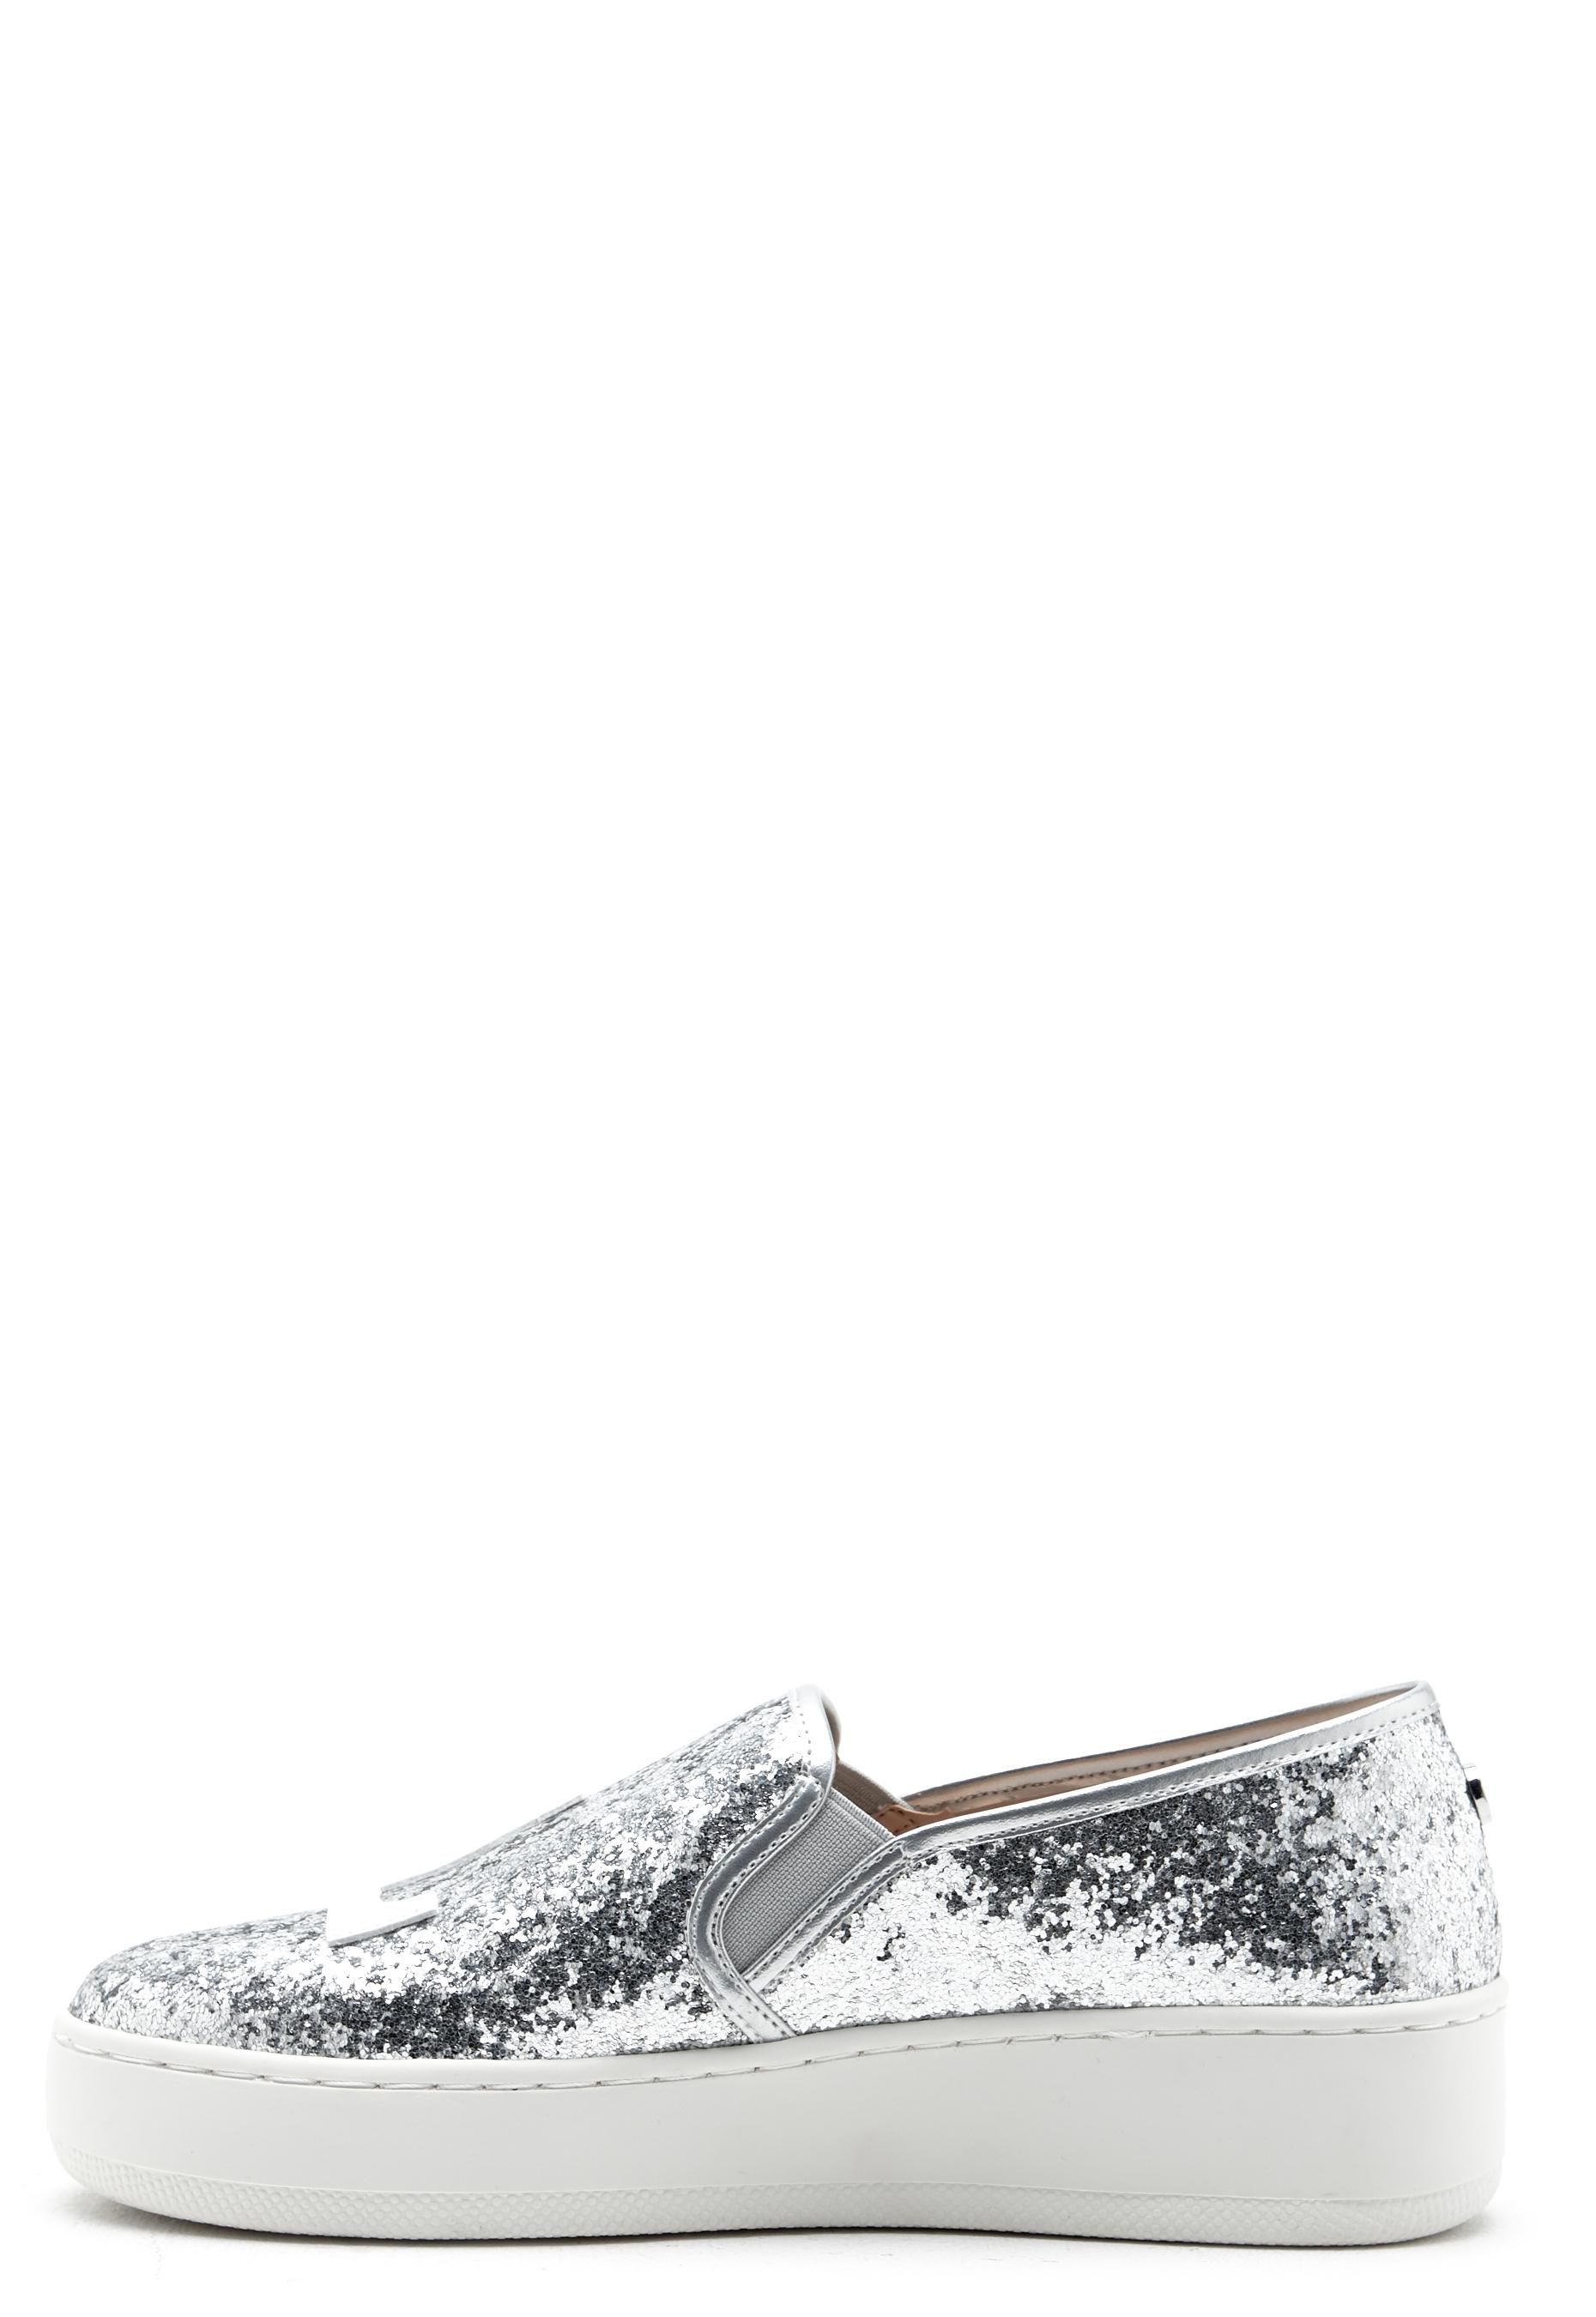 Steve Madden LA Slip-on Silver Glitter